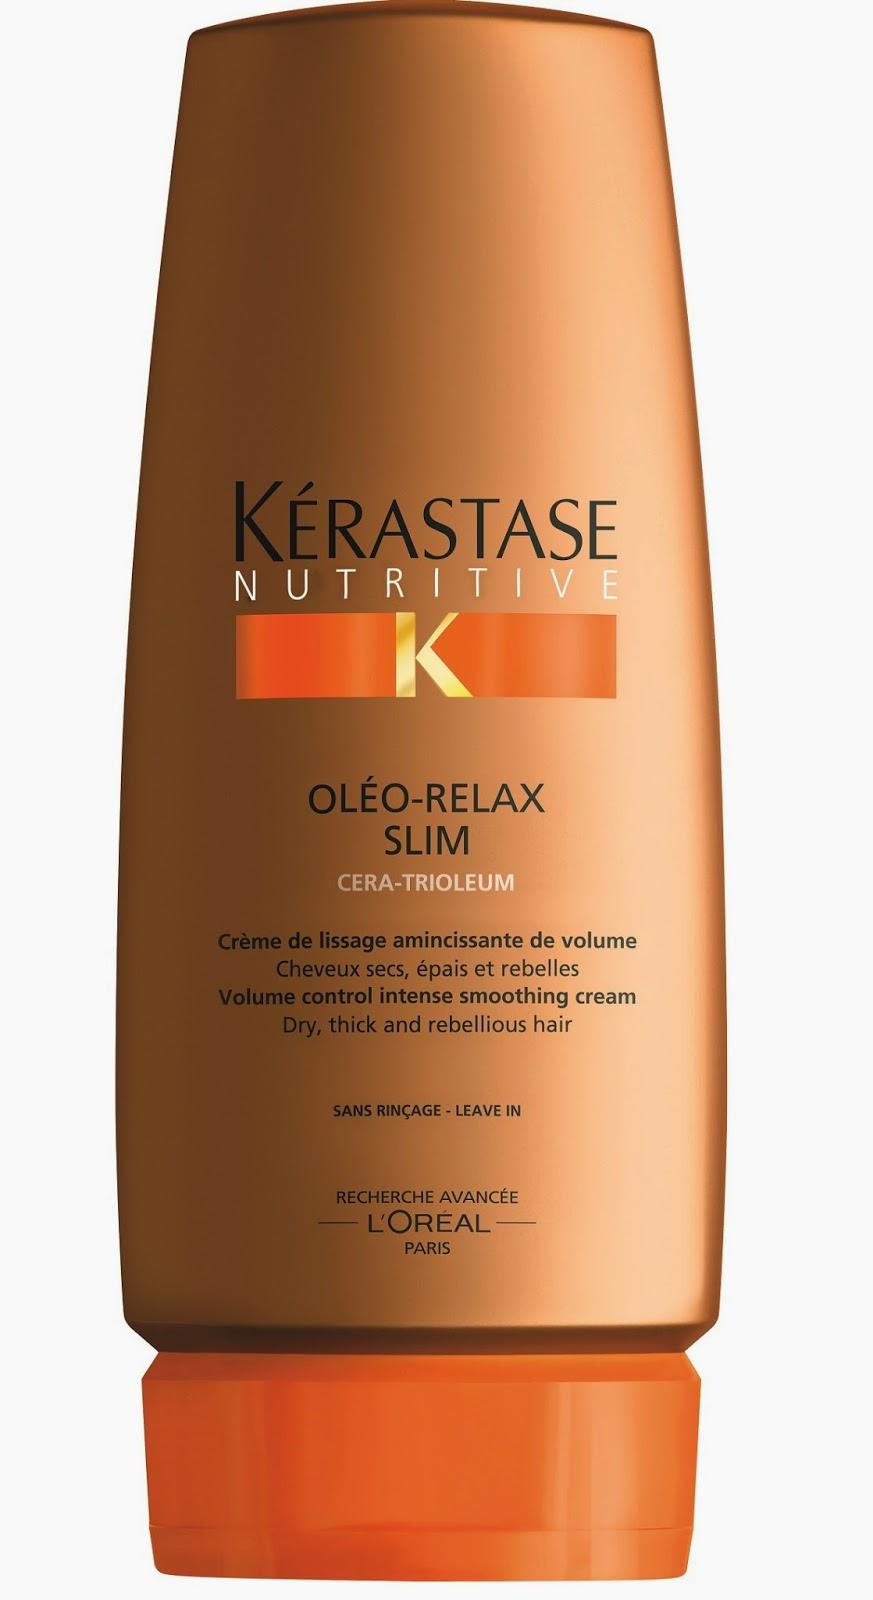 kerastase creme oleo relax slim